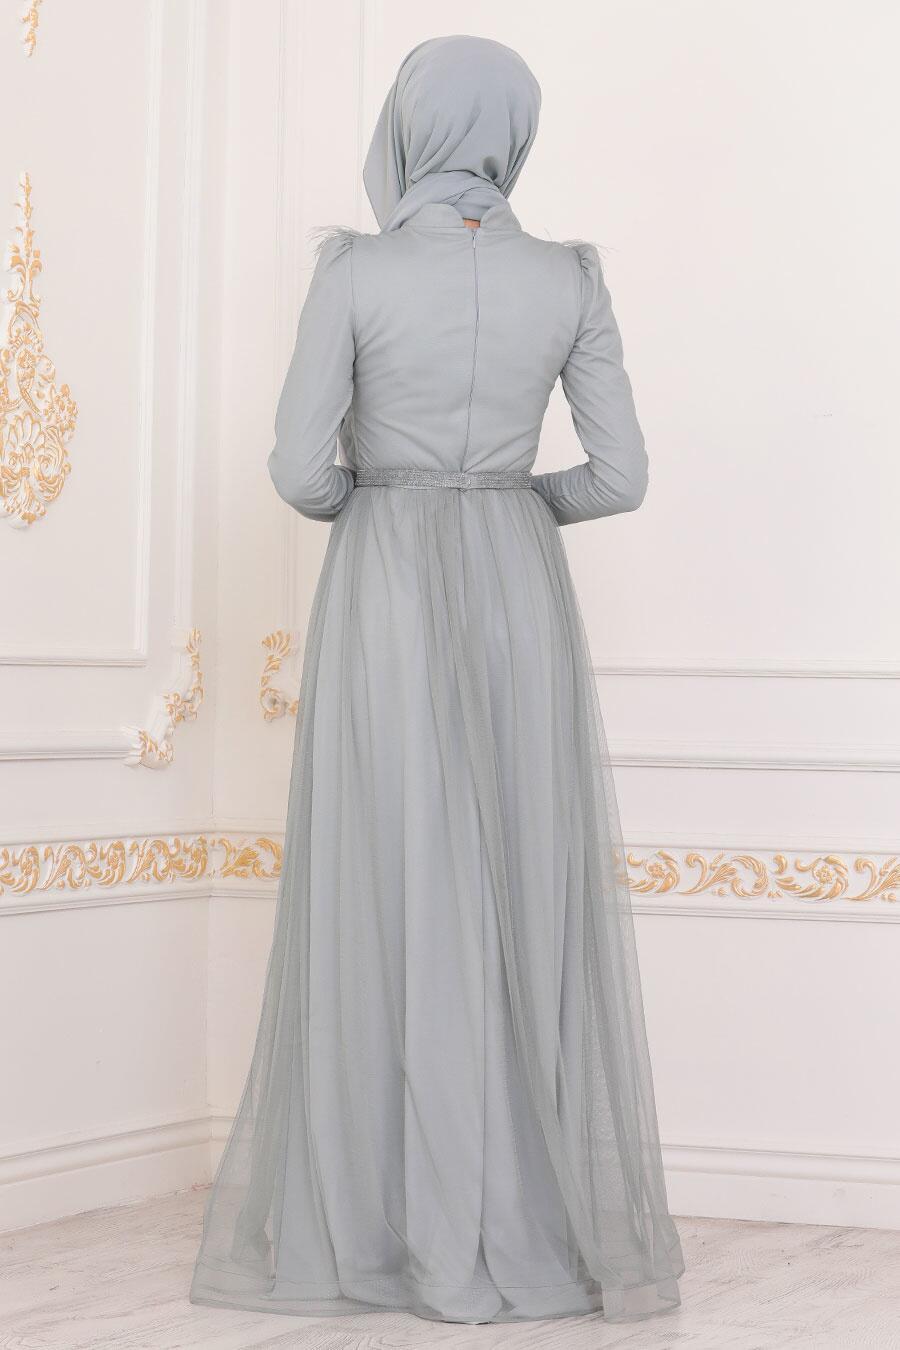 Tesettürlü Abiye Elbise - Püsküllü Mint Tesettür Abiye Elbise 3959MINT